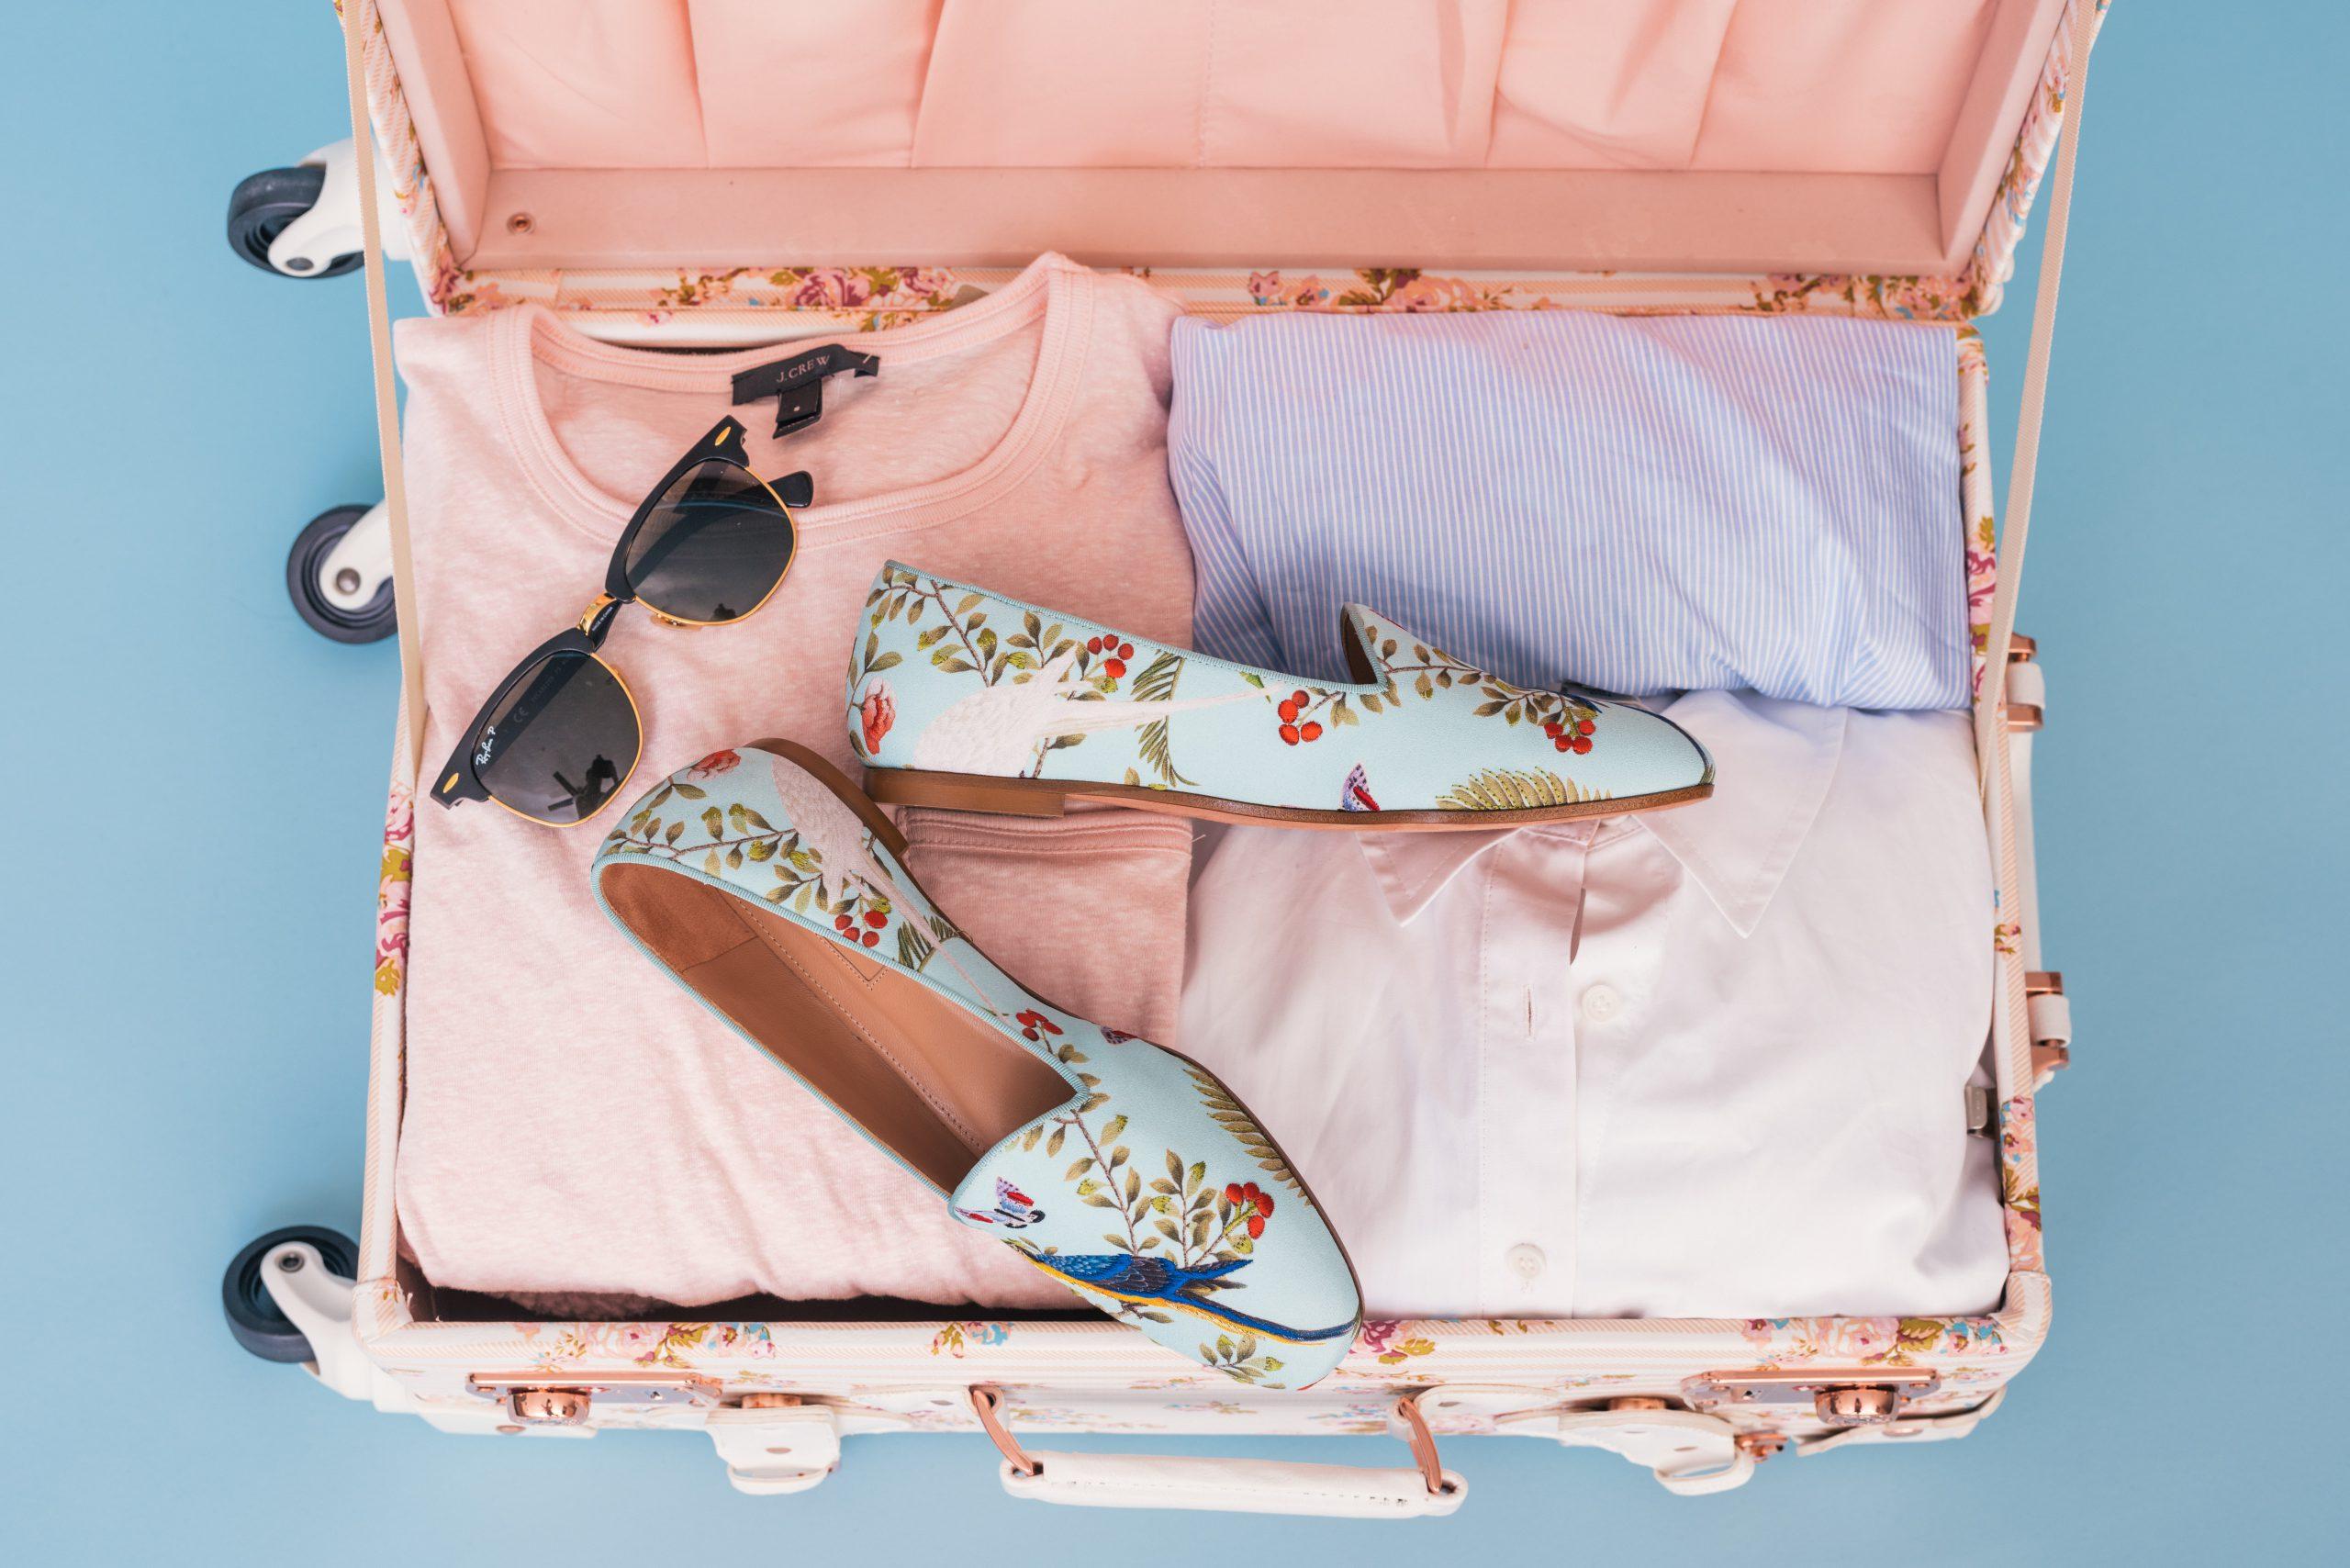 Jak pakować bagaż podróżny? Praktyczne wskazówki